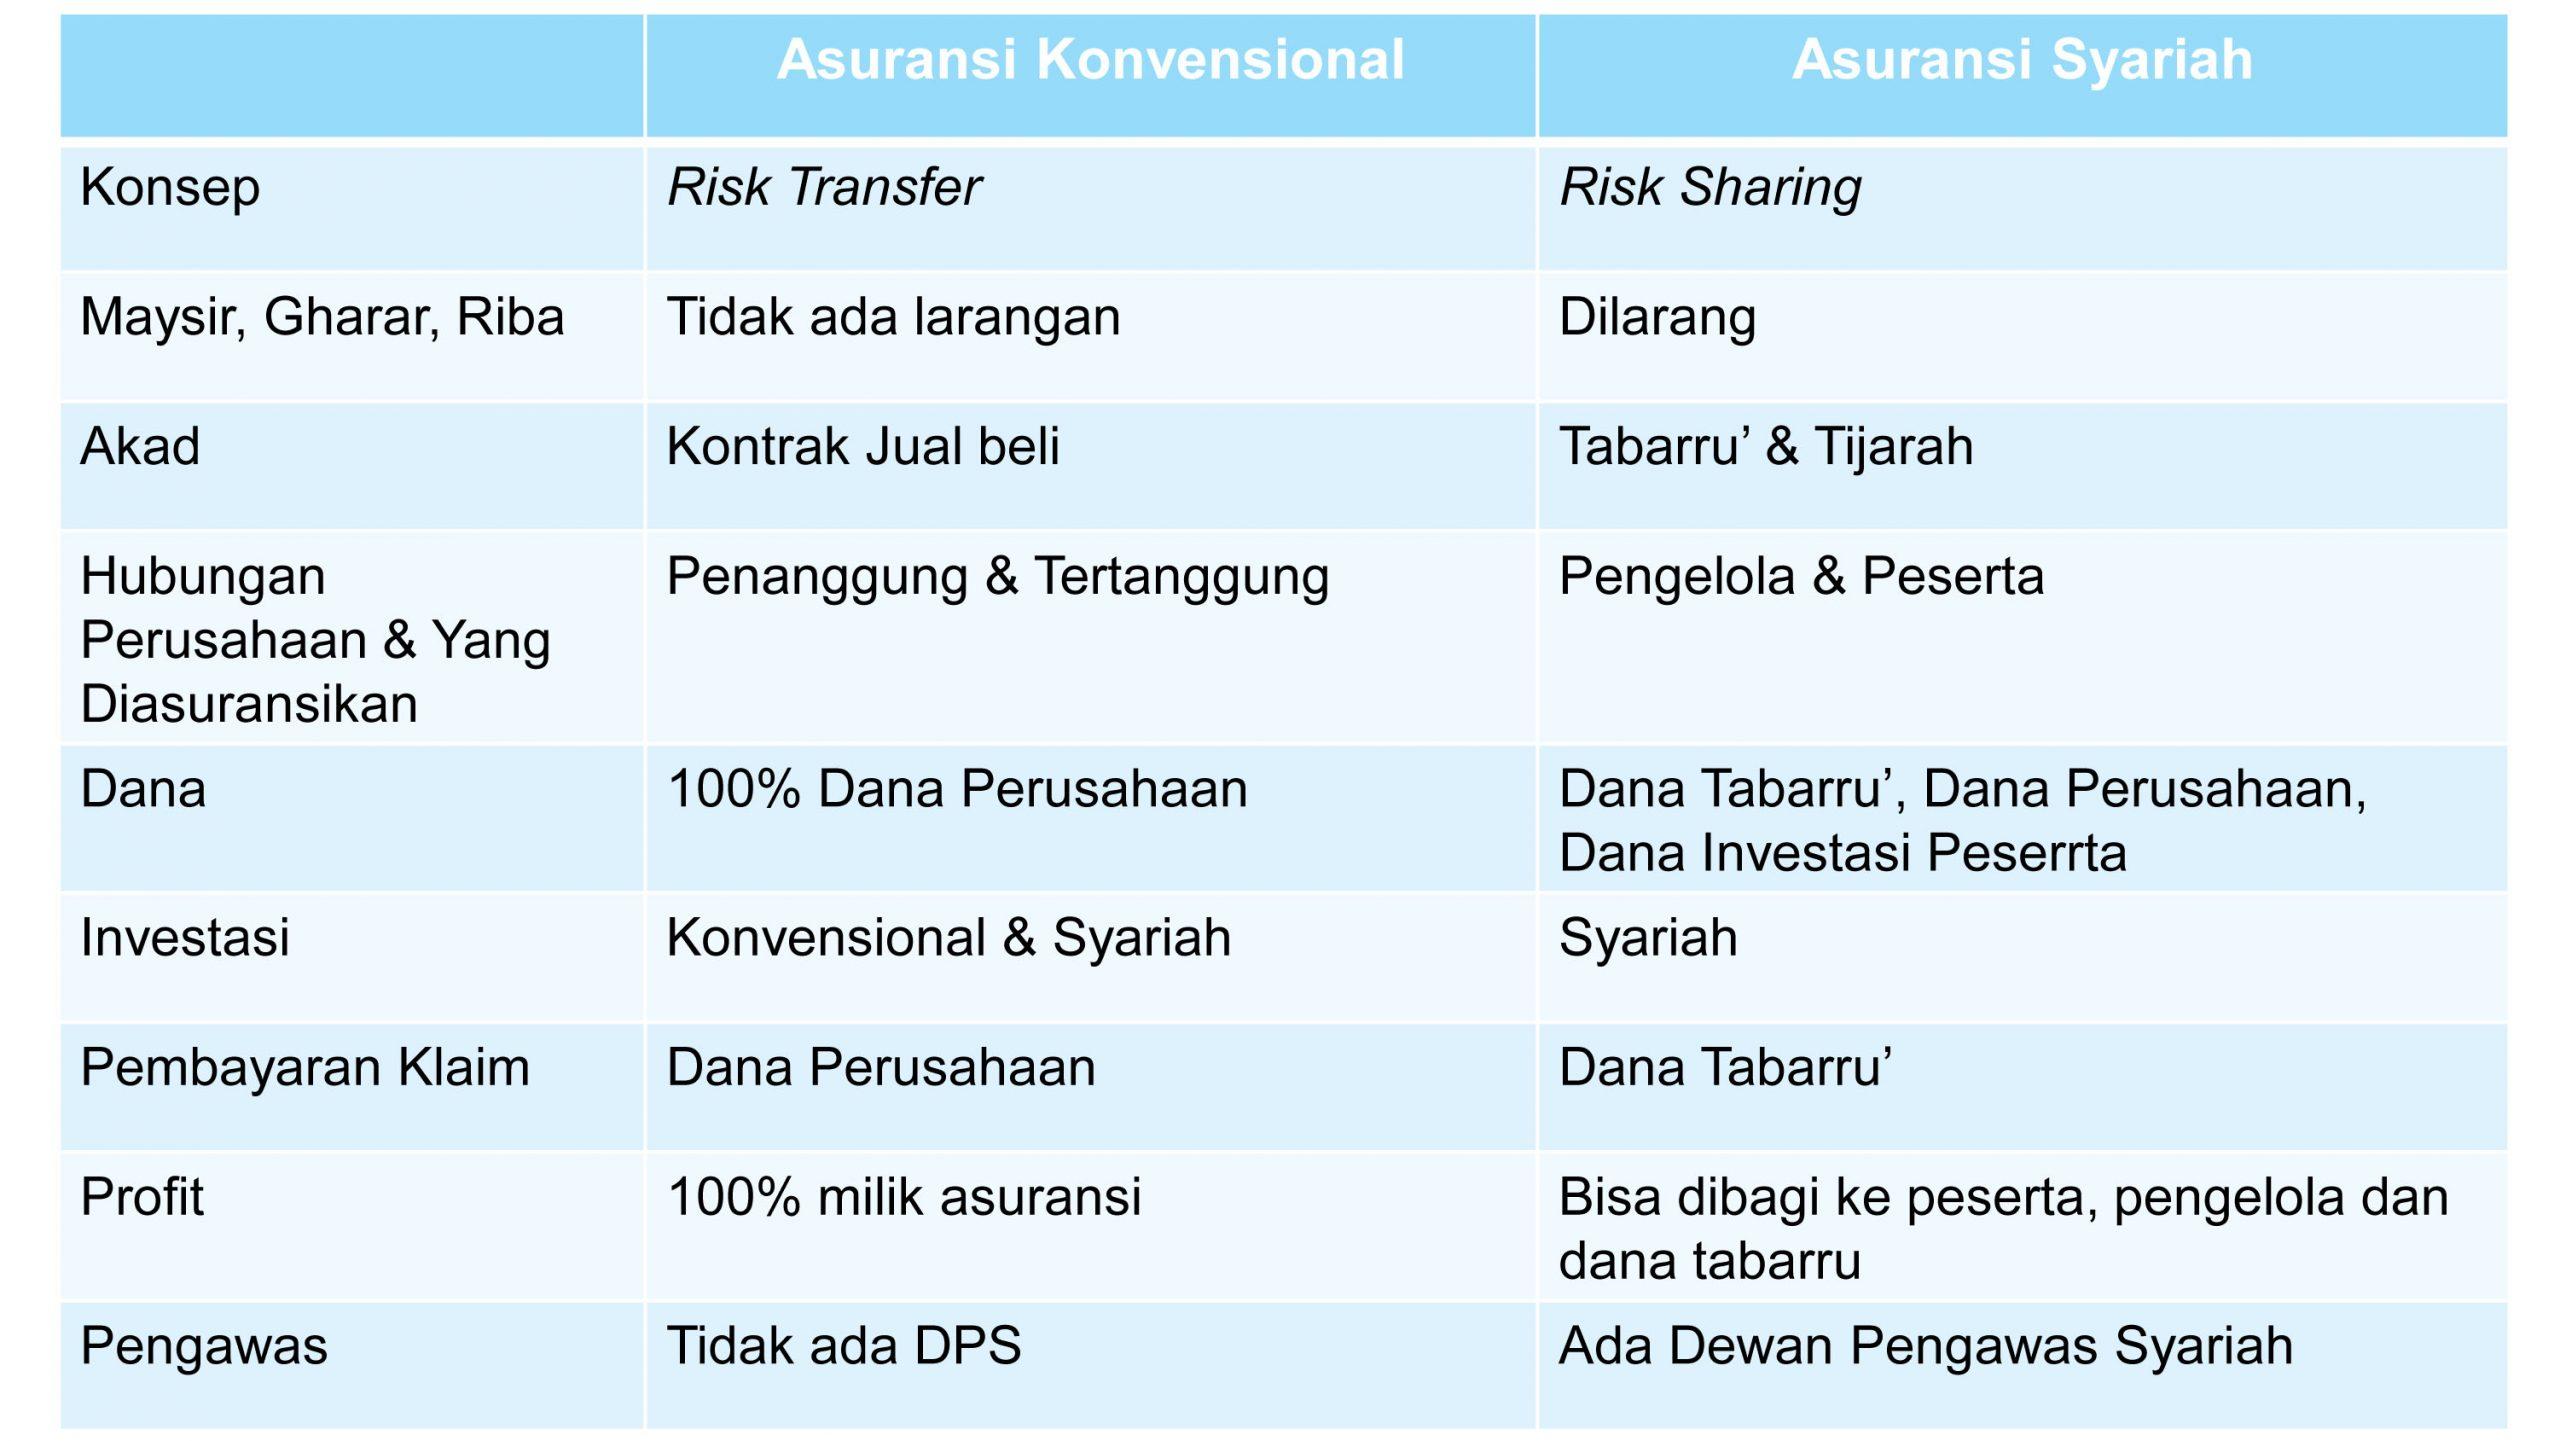 perbedaan asuransi konvensional dengan asuransi syariah